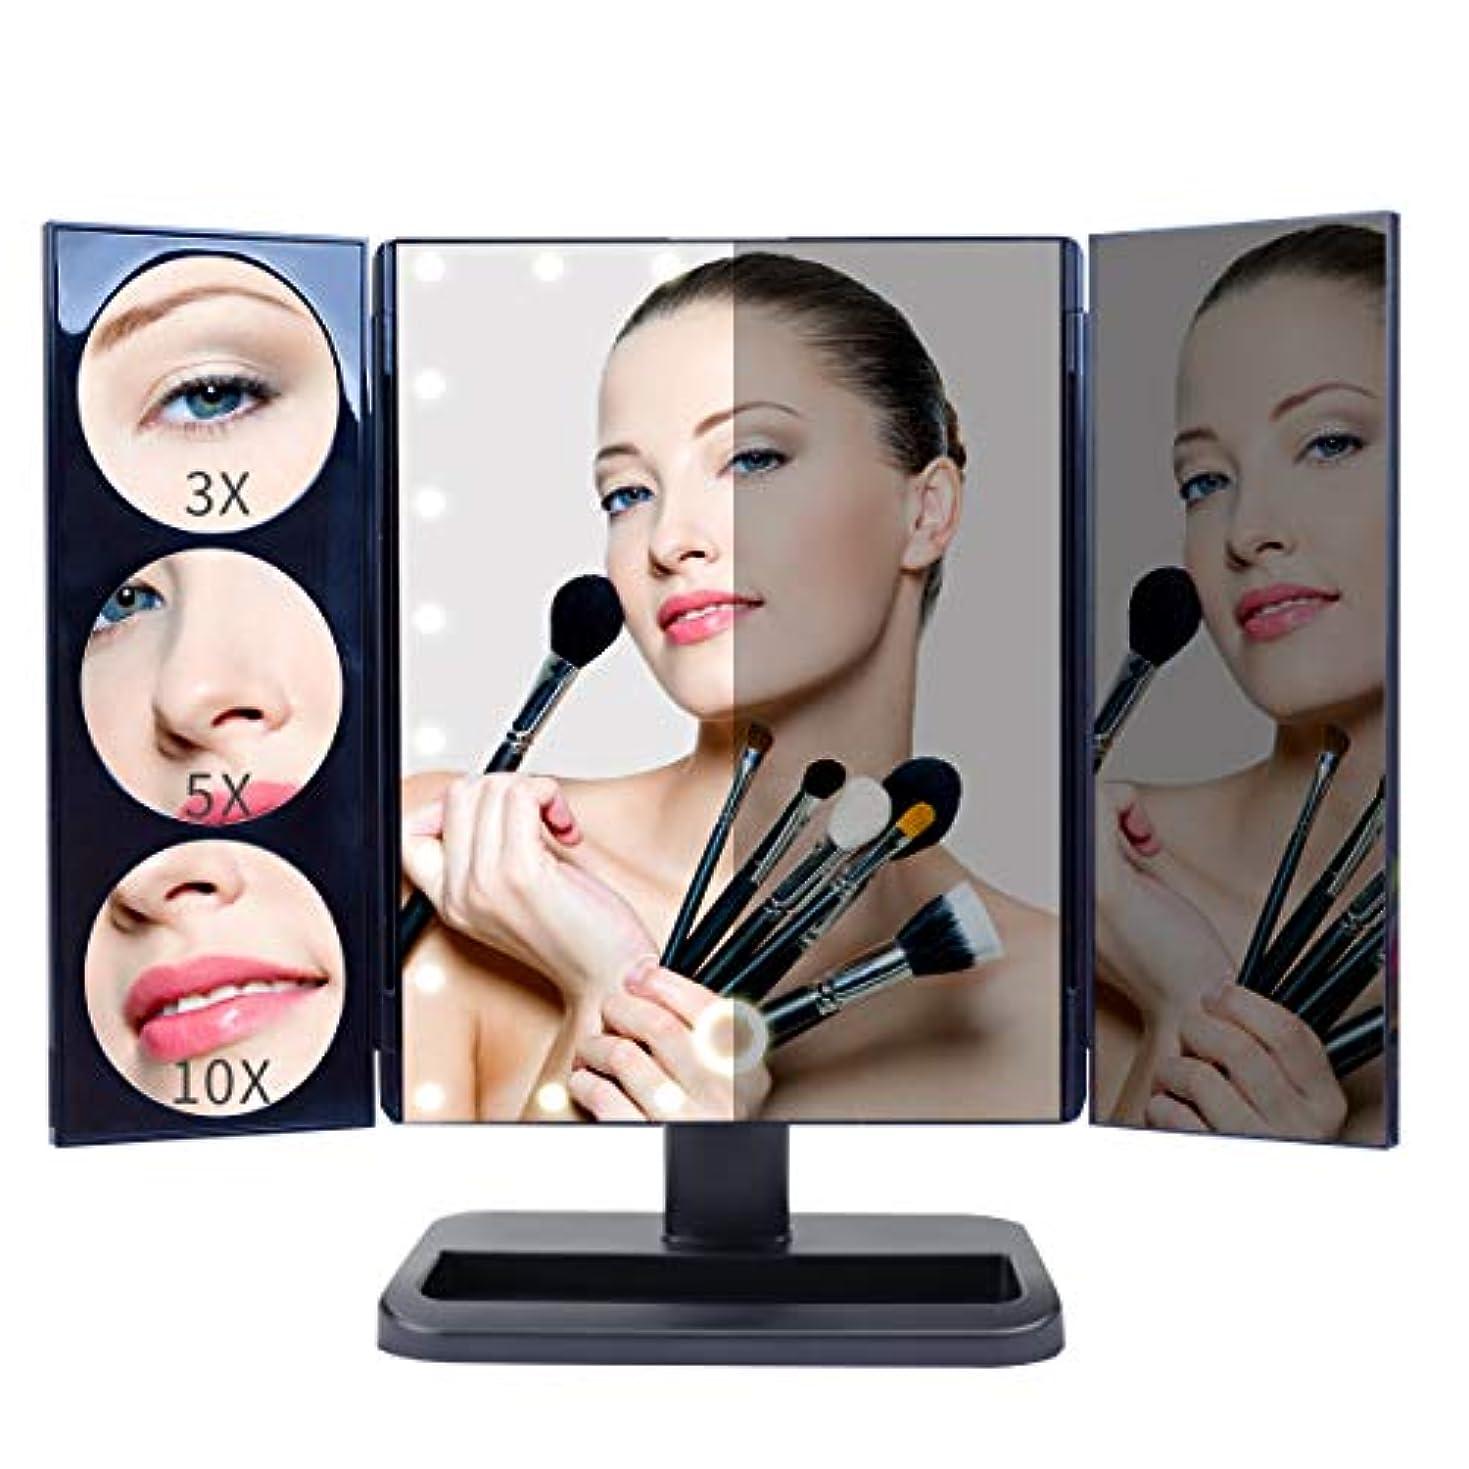 ドナウ川第三ティームBRIAN & DANY 化粧鏡 化粧ミラー 鏡 三面鏡 ー 卓上 24個のLEDライト 折りたたみ 拡大鏡 3倍 5倍 10倍 明るさ調節可能 180°回転 電池&USB